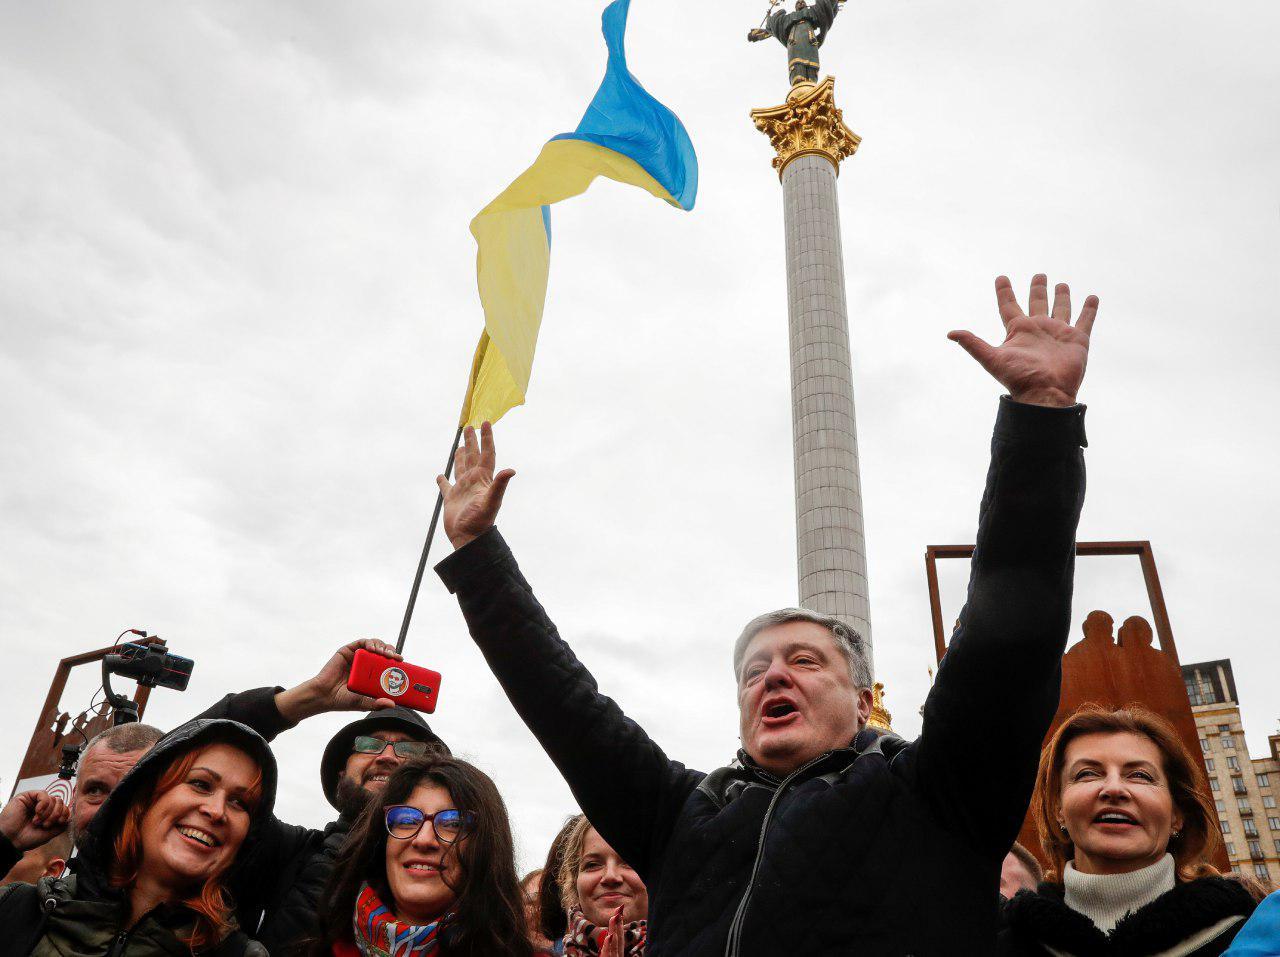 National interest: США и ЕС ошиблись, когда были уверены, что Москва смирится с результатами Майдана